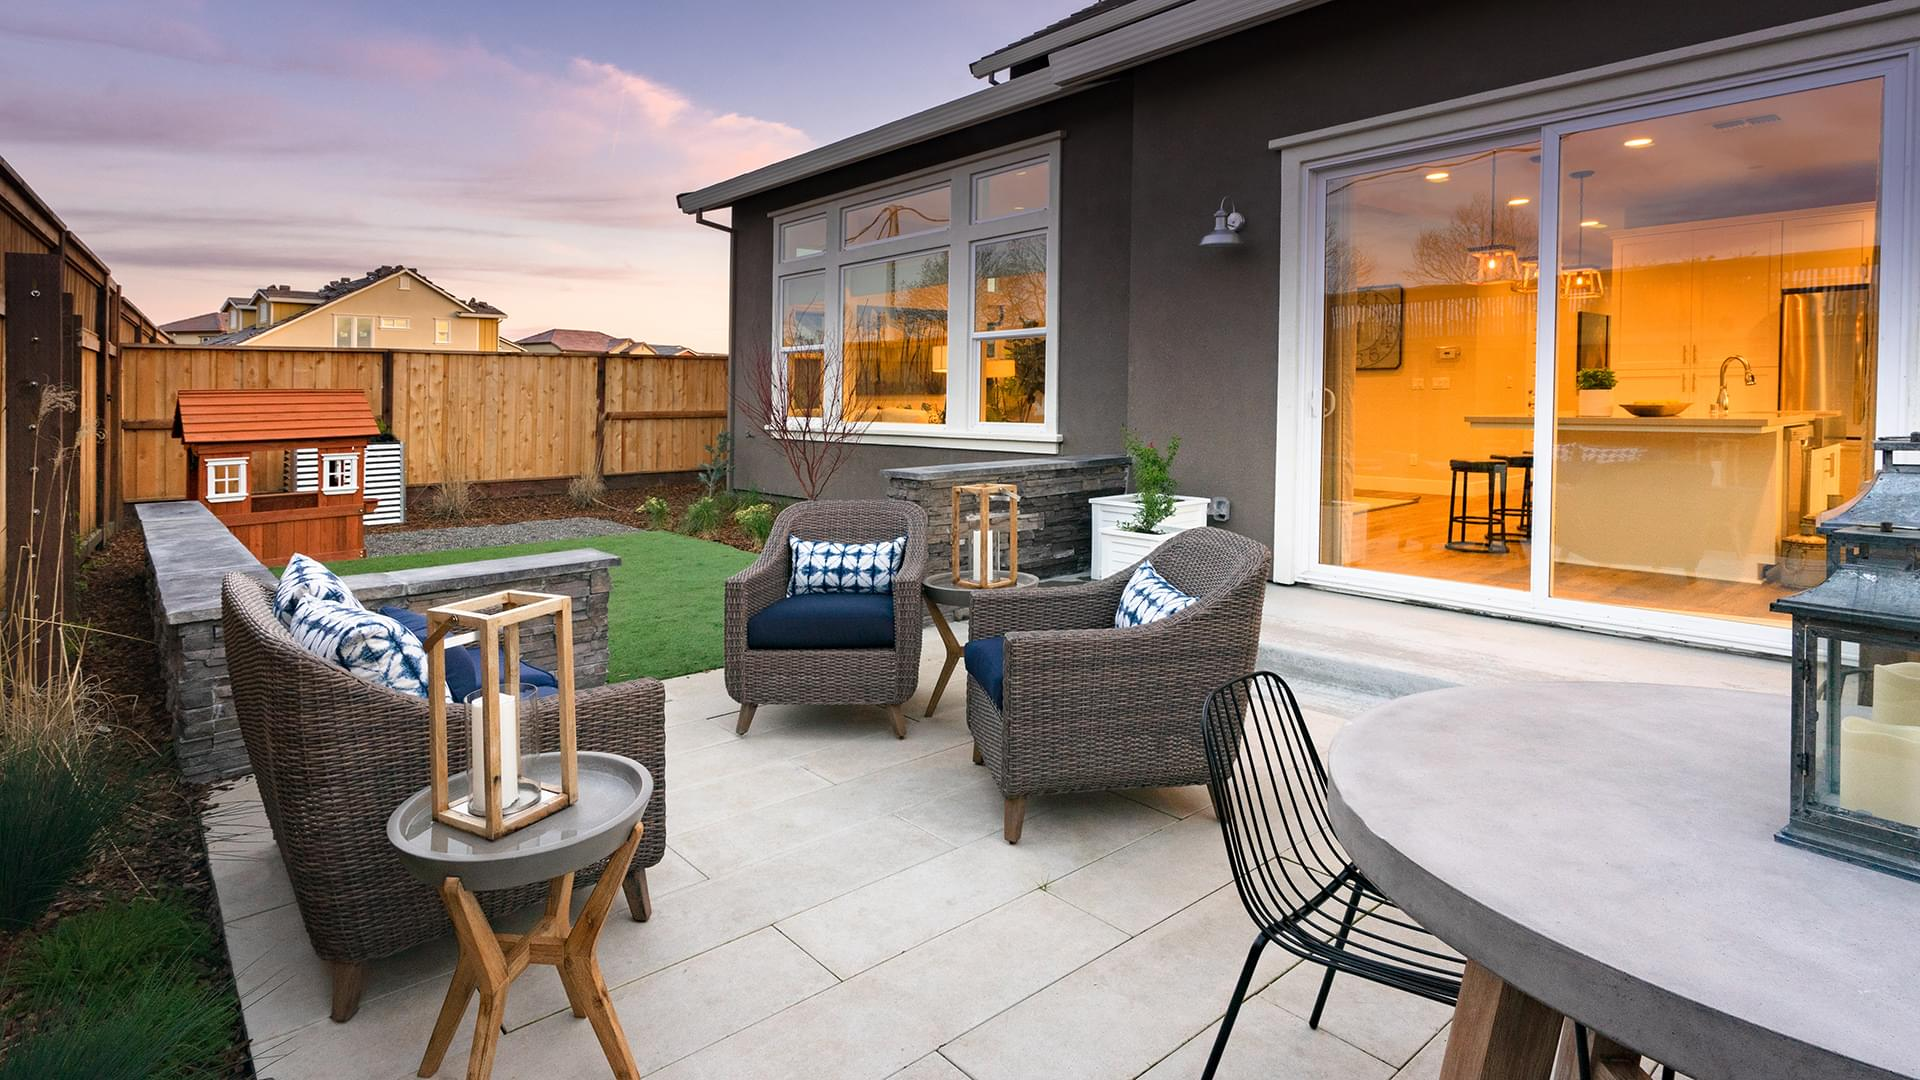 Residence 2X Backyard